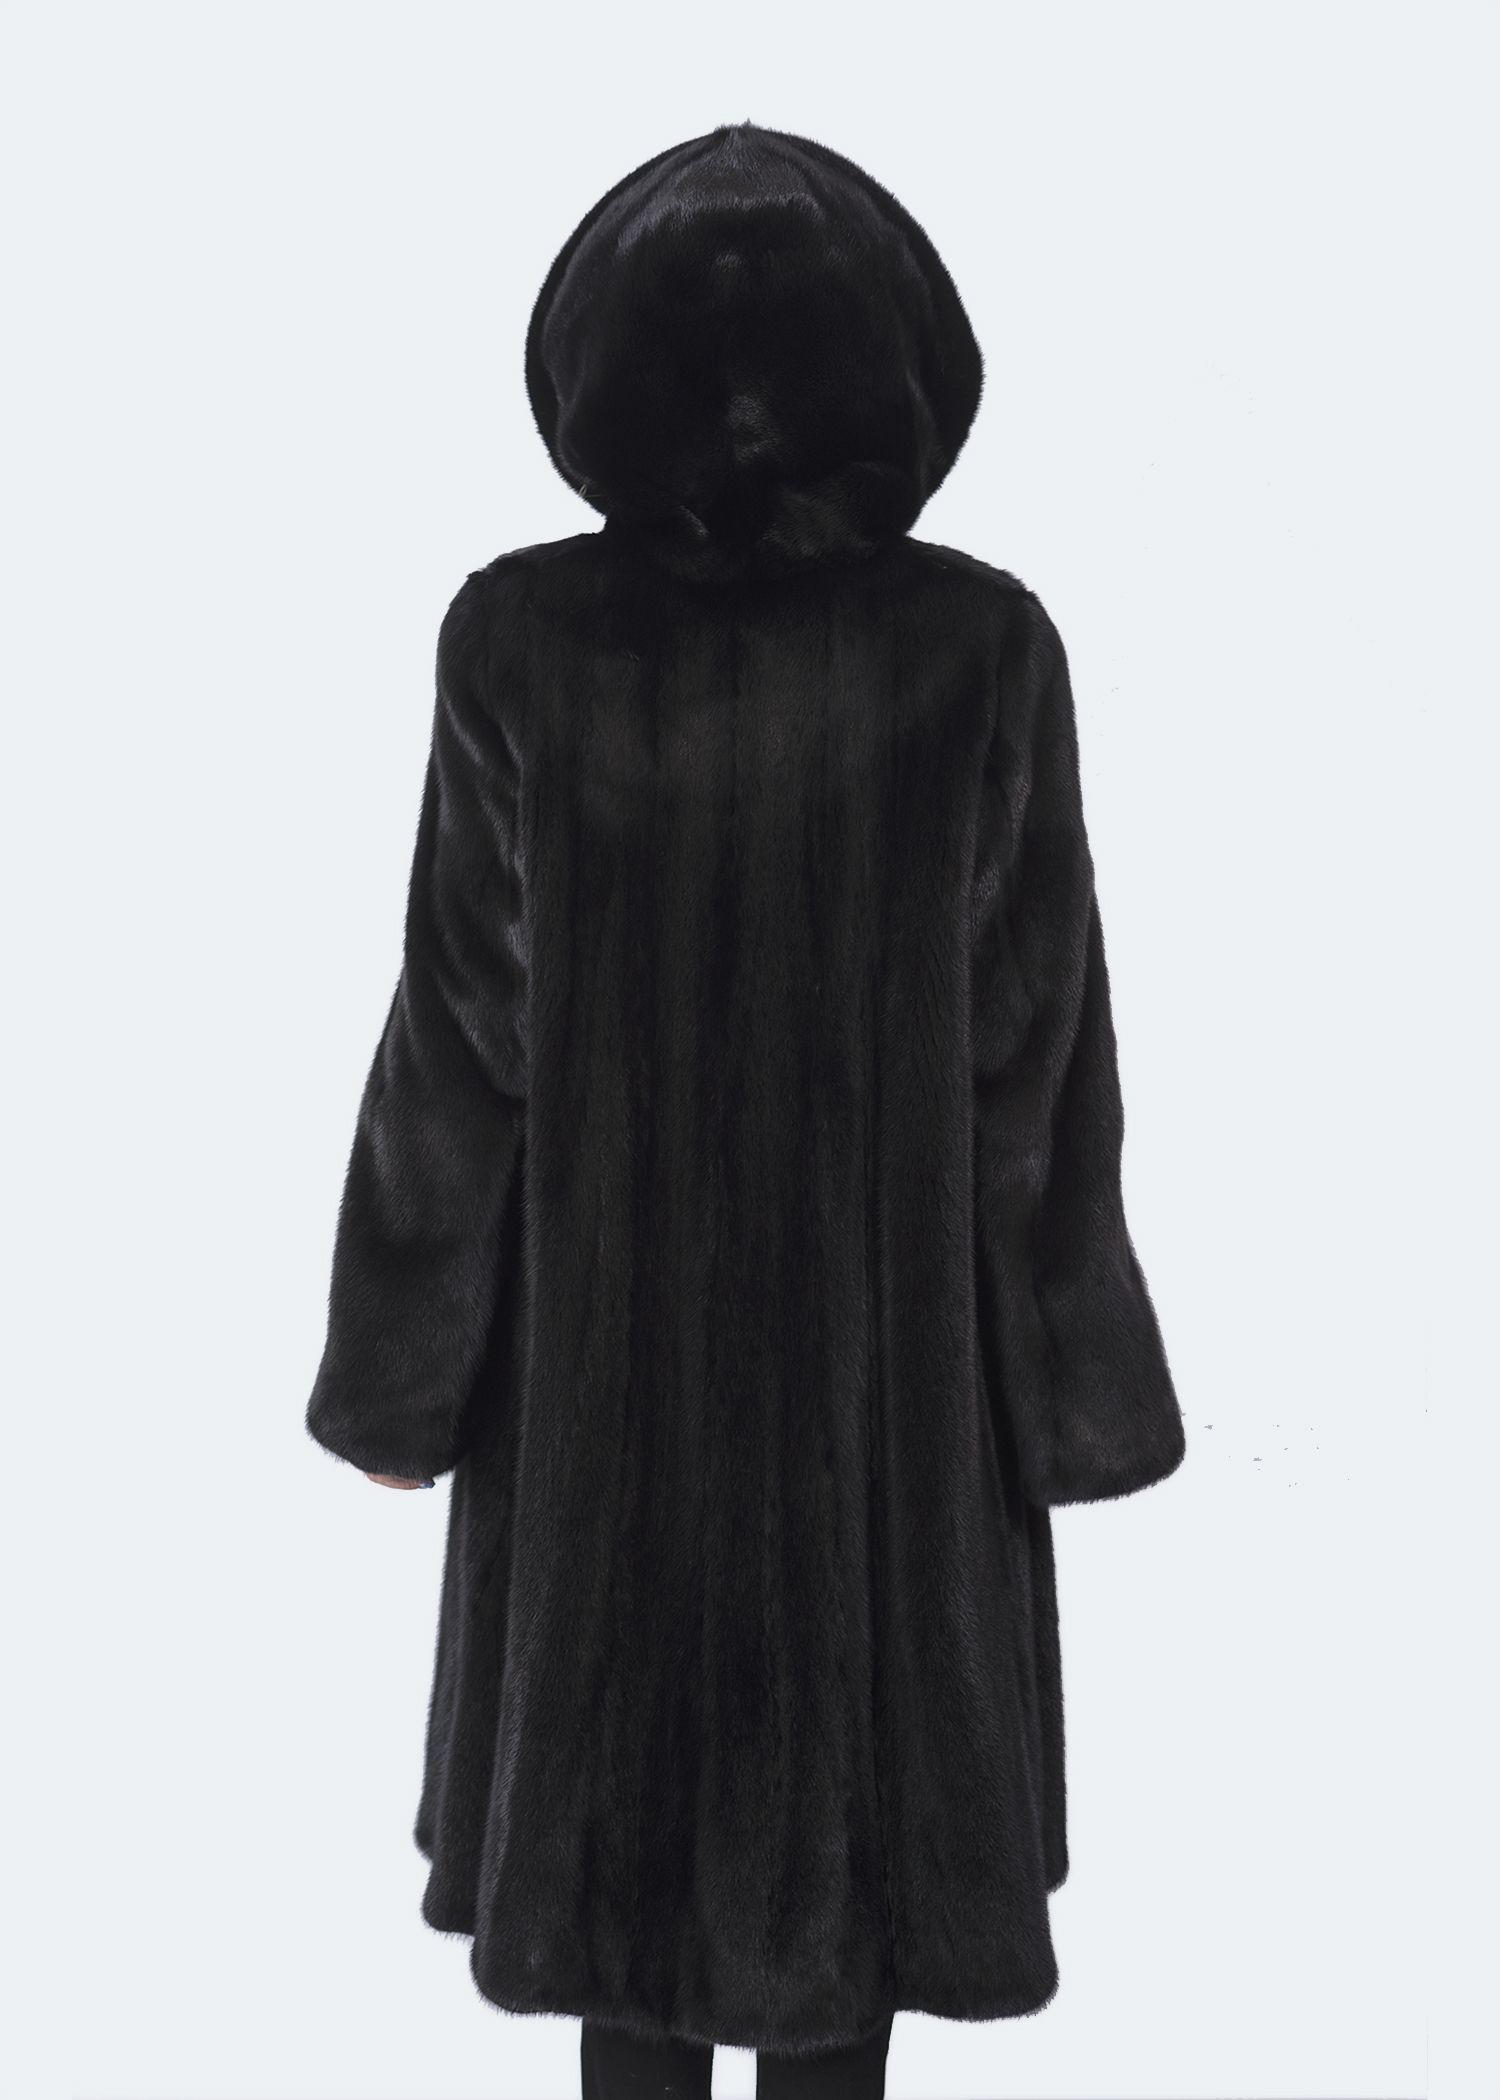 Шуба женская норковая 11-11-877 фото №1